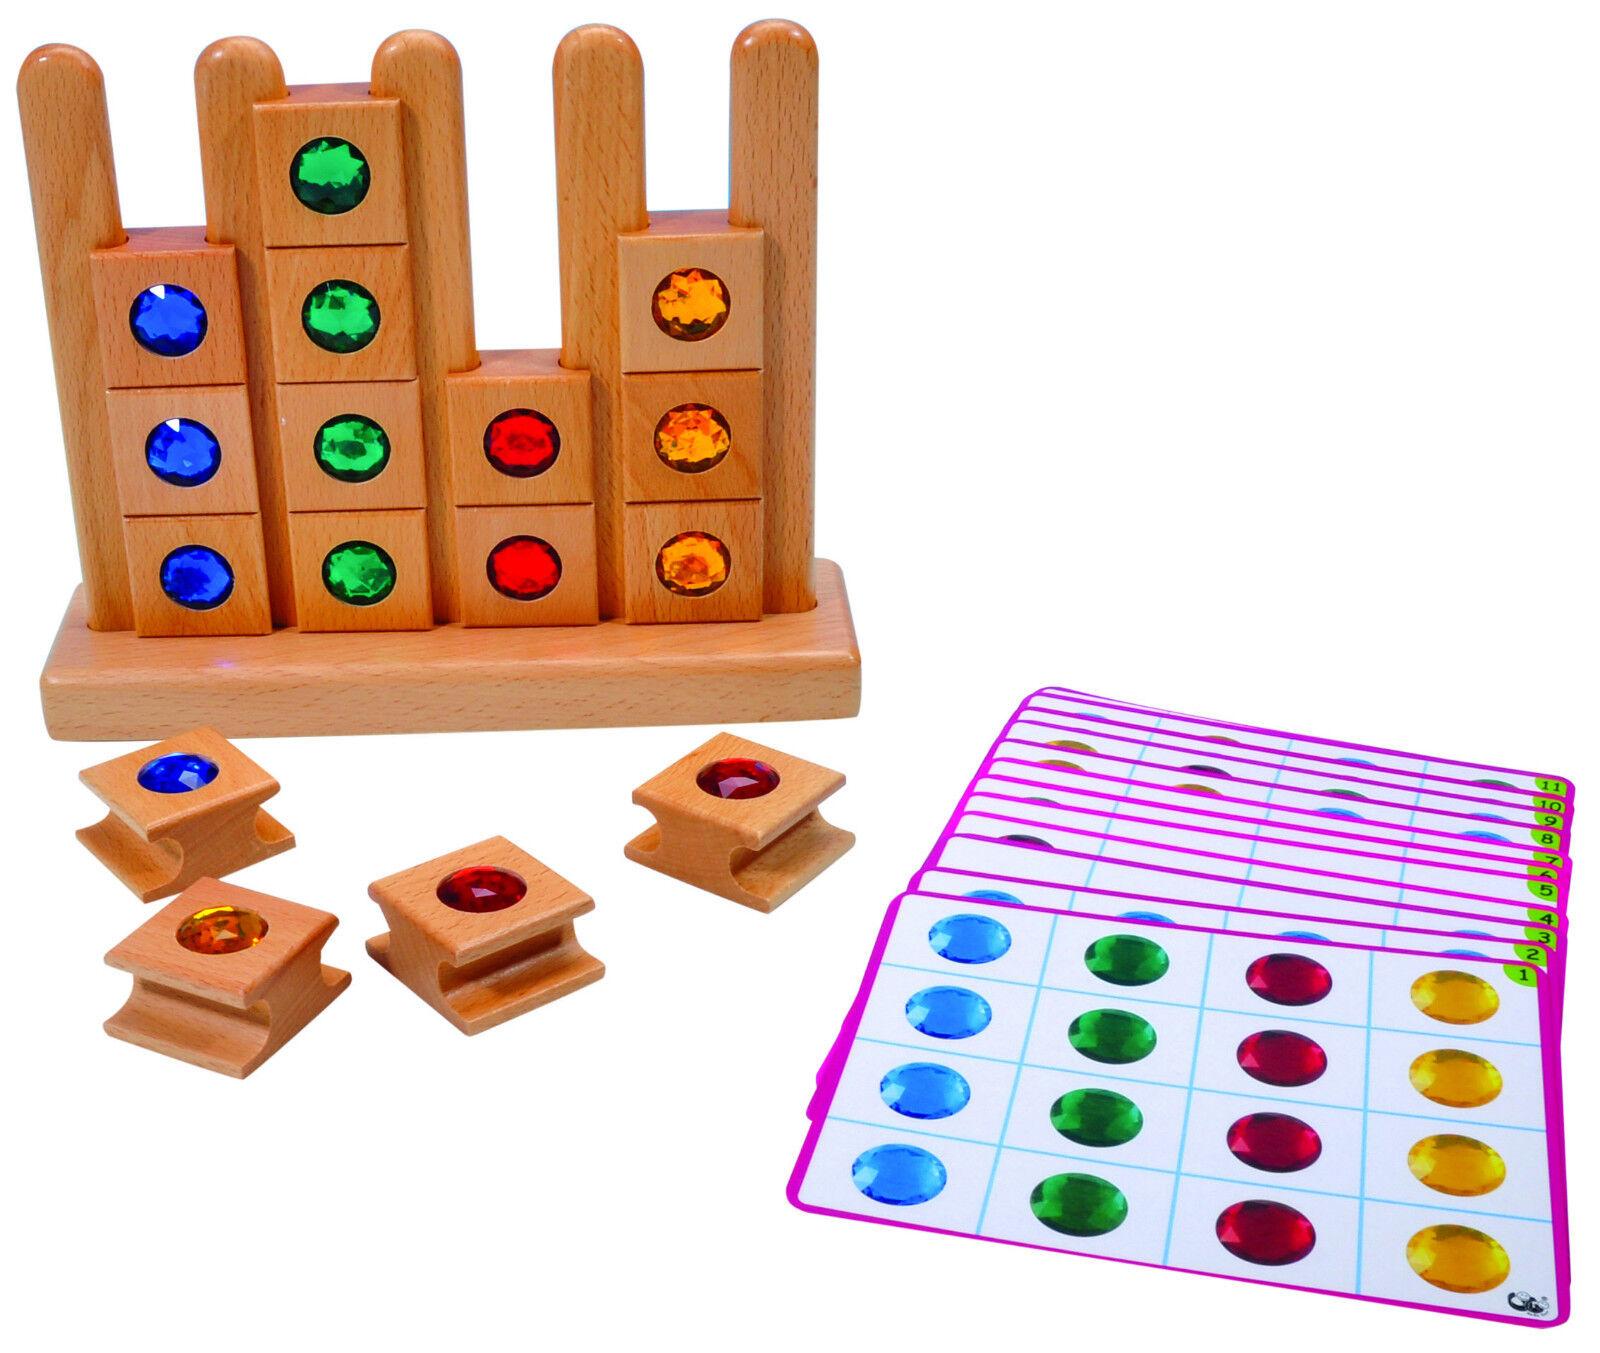 Legespiel Lernspiel Tieren & Juwelen Holzspielzeug Kindergarten  °449-50 °449-50 °449-50 1850d3